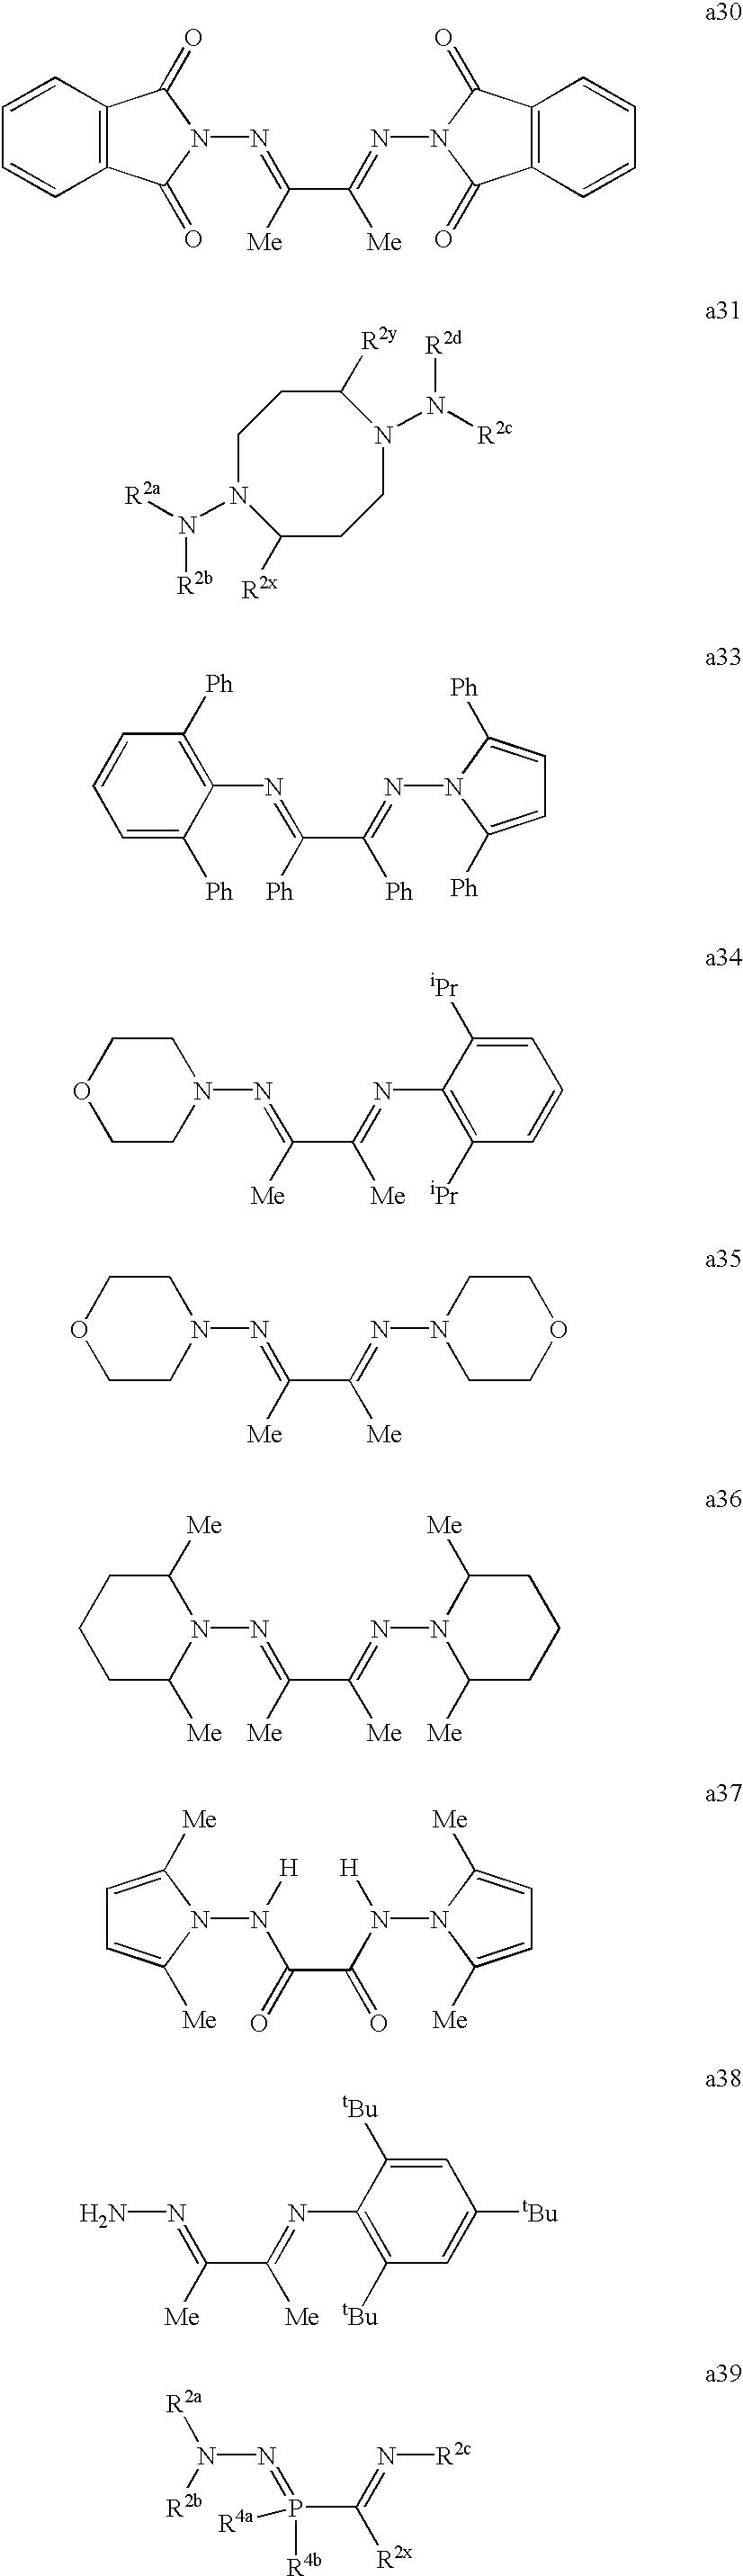 Figure US06545108-20030408-C00012